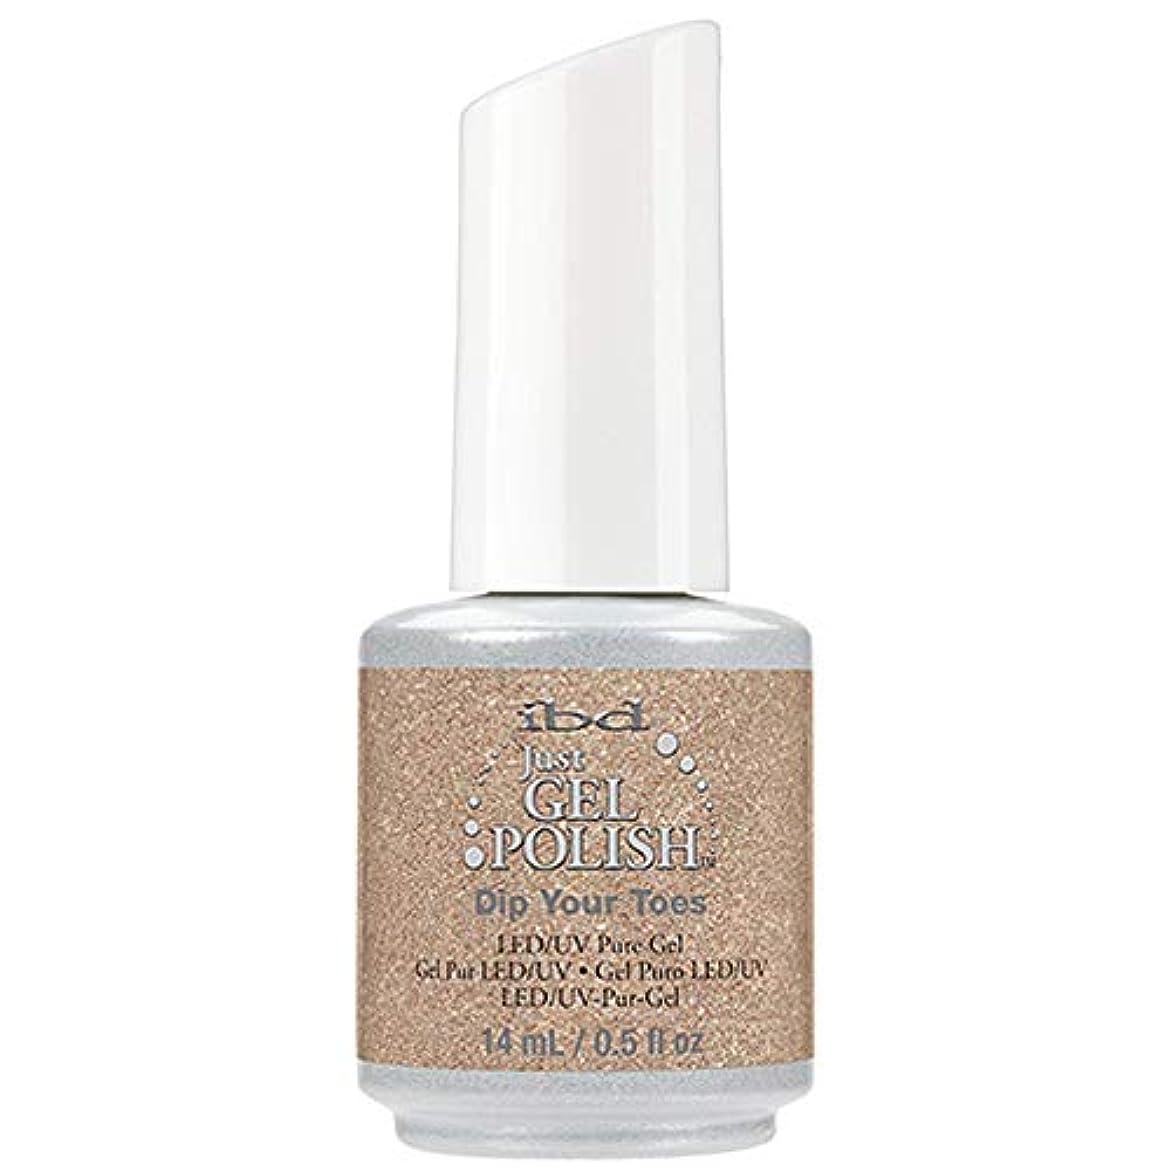 クリップ蝶ジャングル同意ibd Just Gel Nail Polish - Dip Your Toes - 14ml / 0.5oz